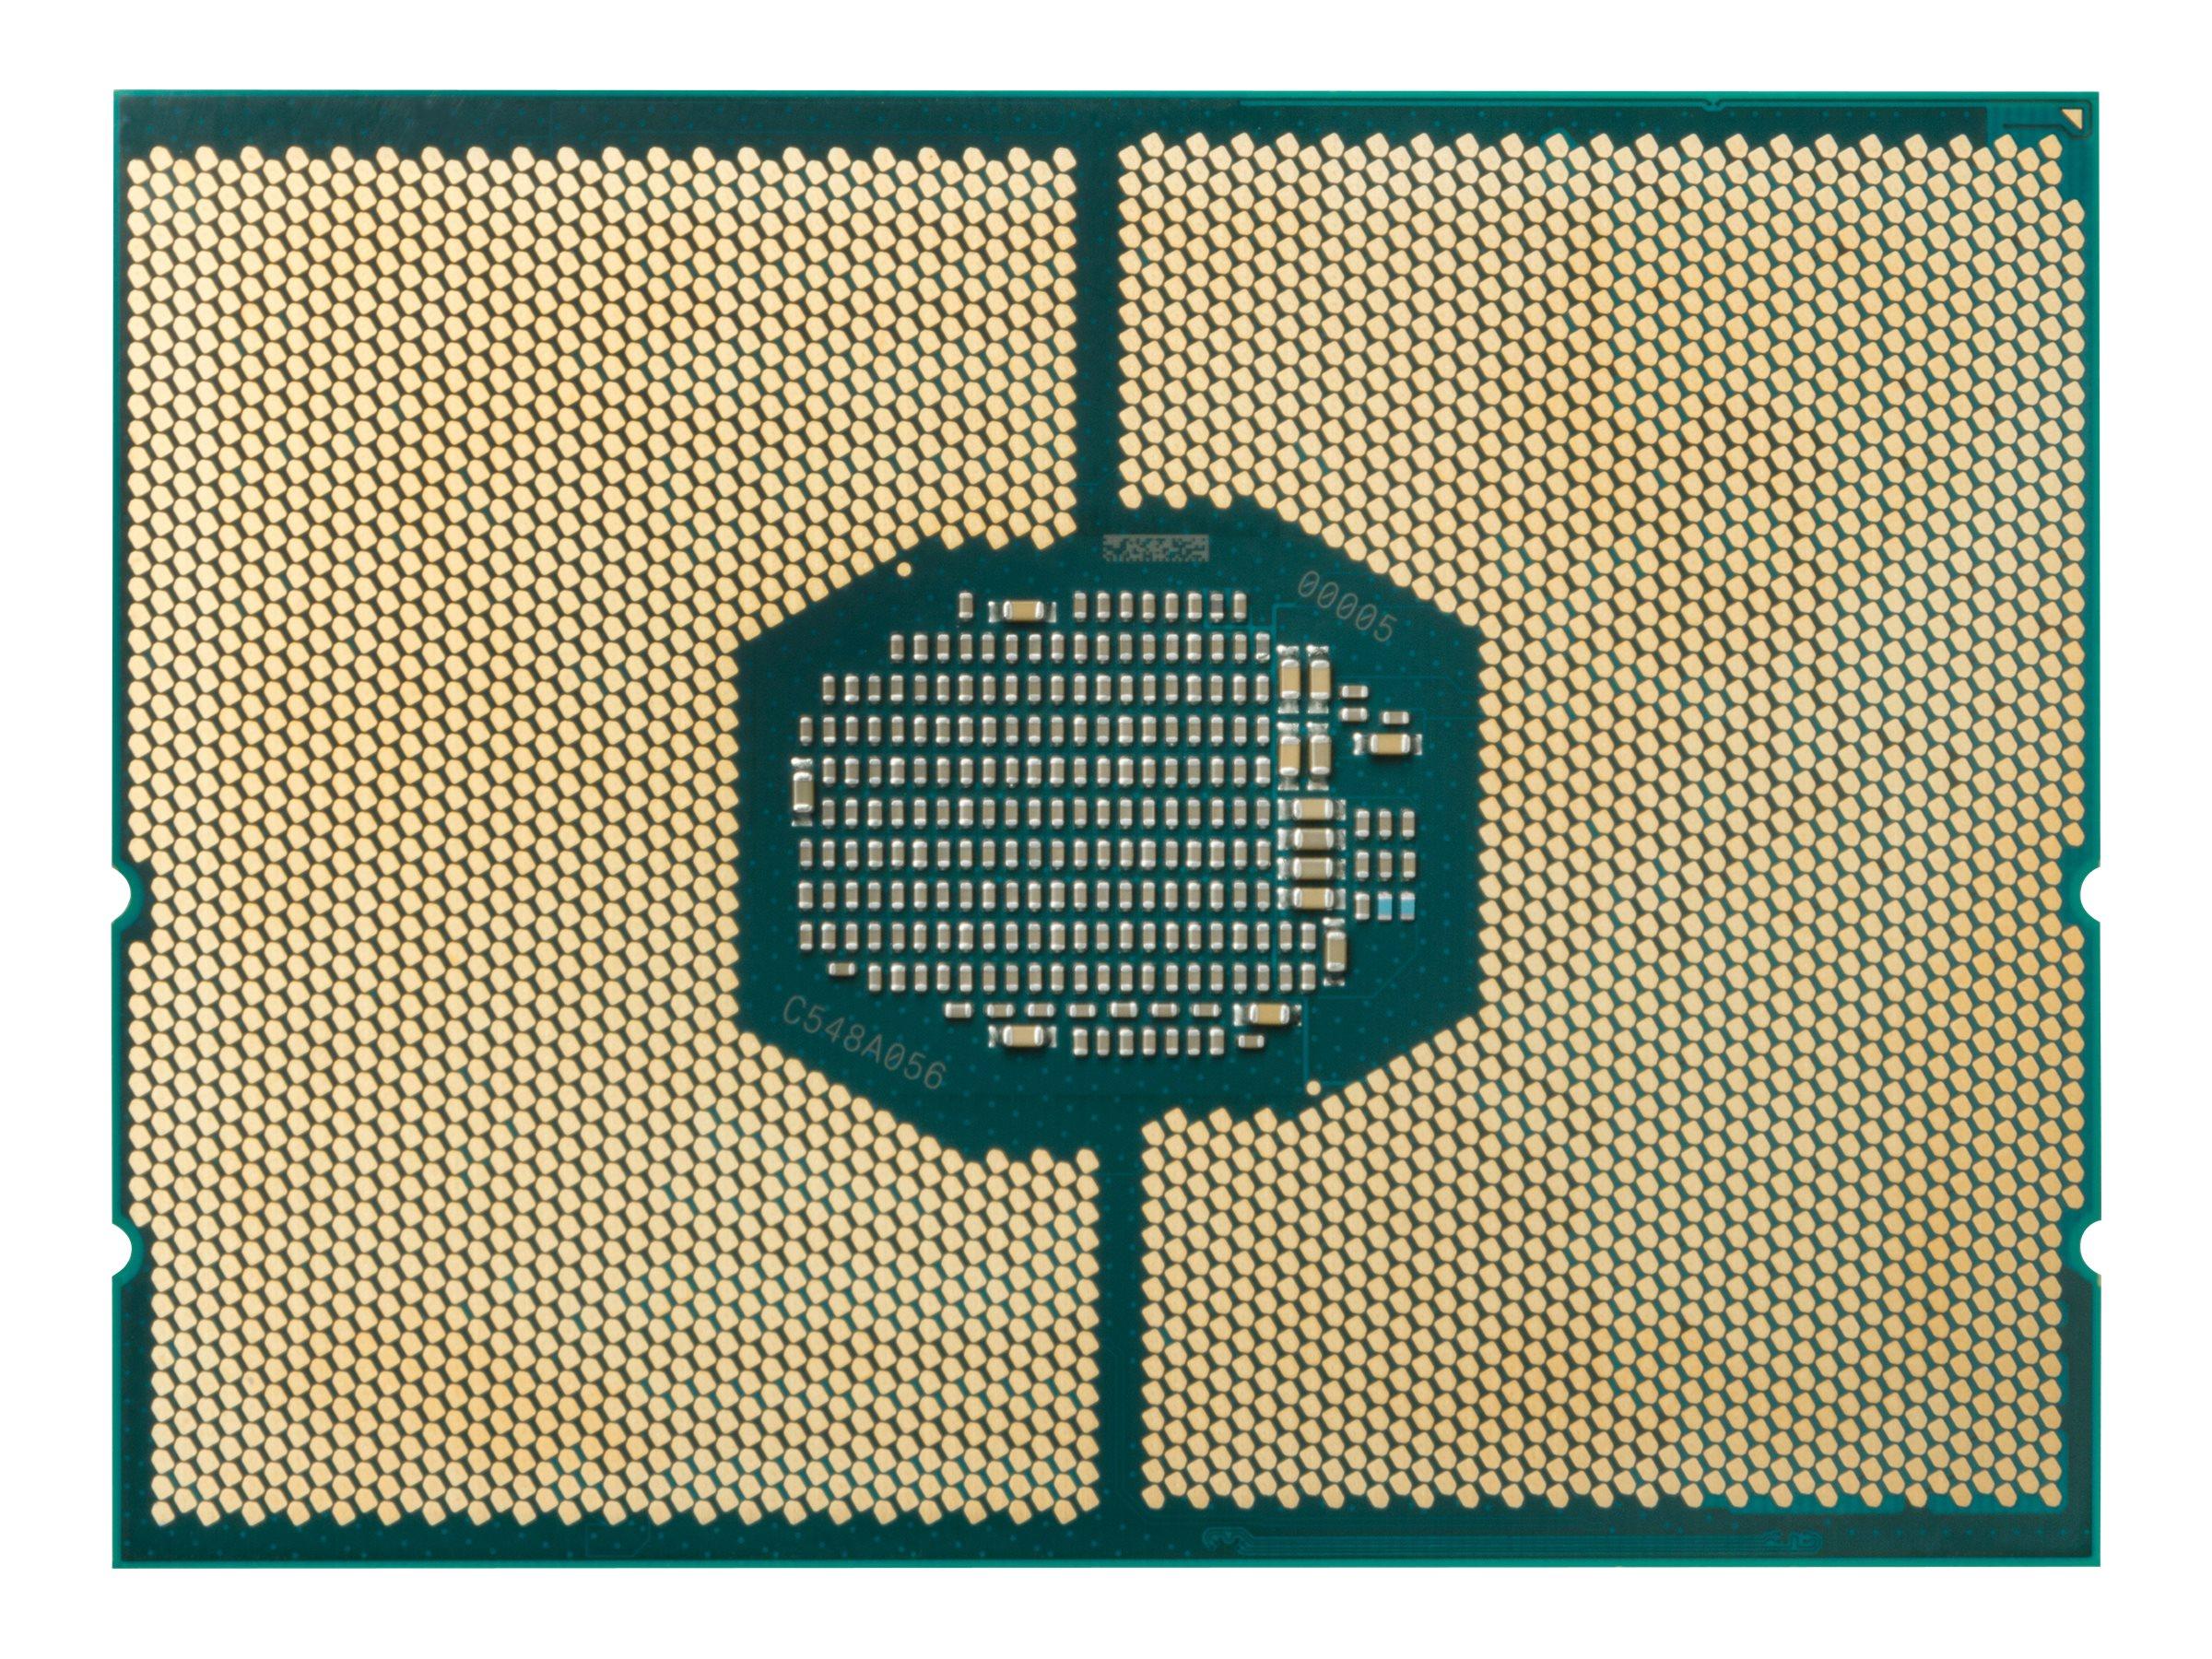 Intel Xeon Silver 4112 / 2.6 GHz processor